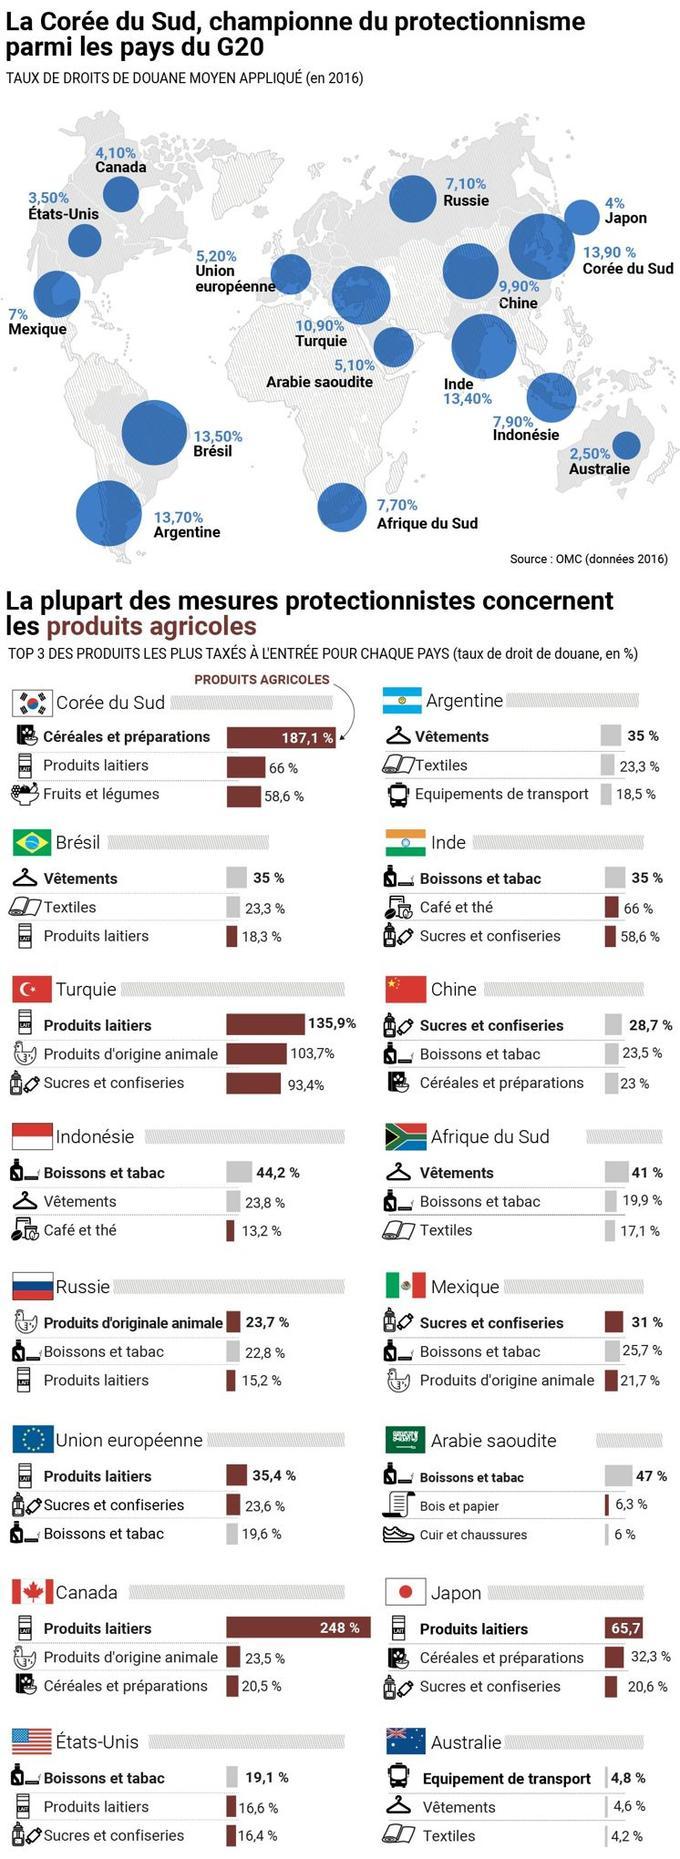 Tous les grands pays mettent en place des mesures protectionnistes ciblées.